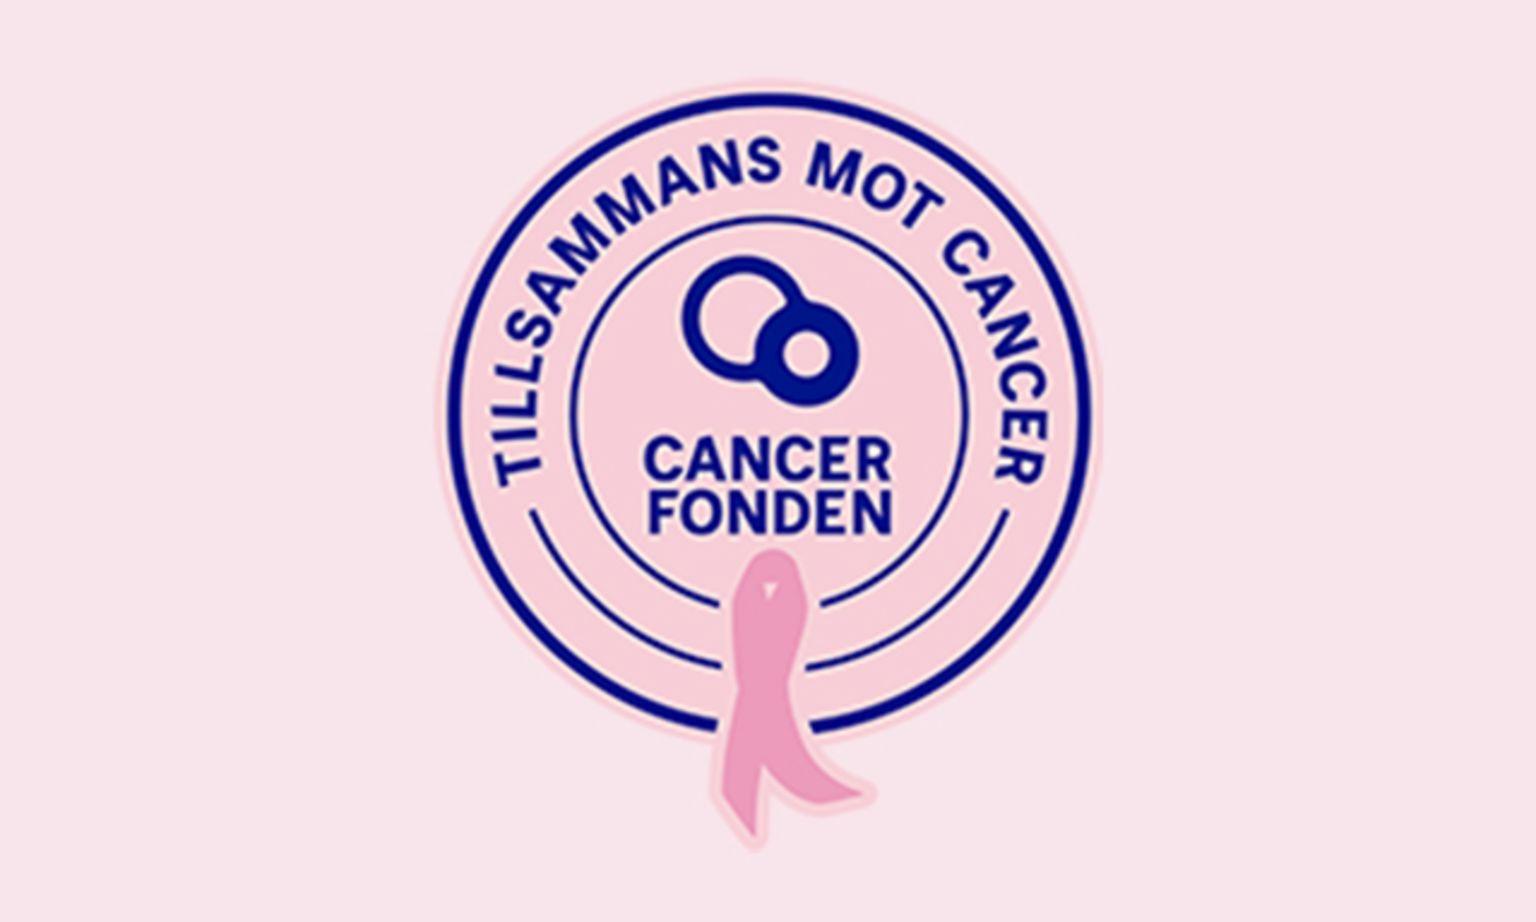 Cancerfondens Rosa Bandet-figurmärke som består av blå text i en cirkel med ett rosa generiskt band mot rosa bakgrund.